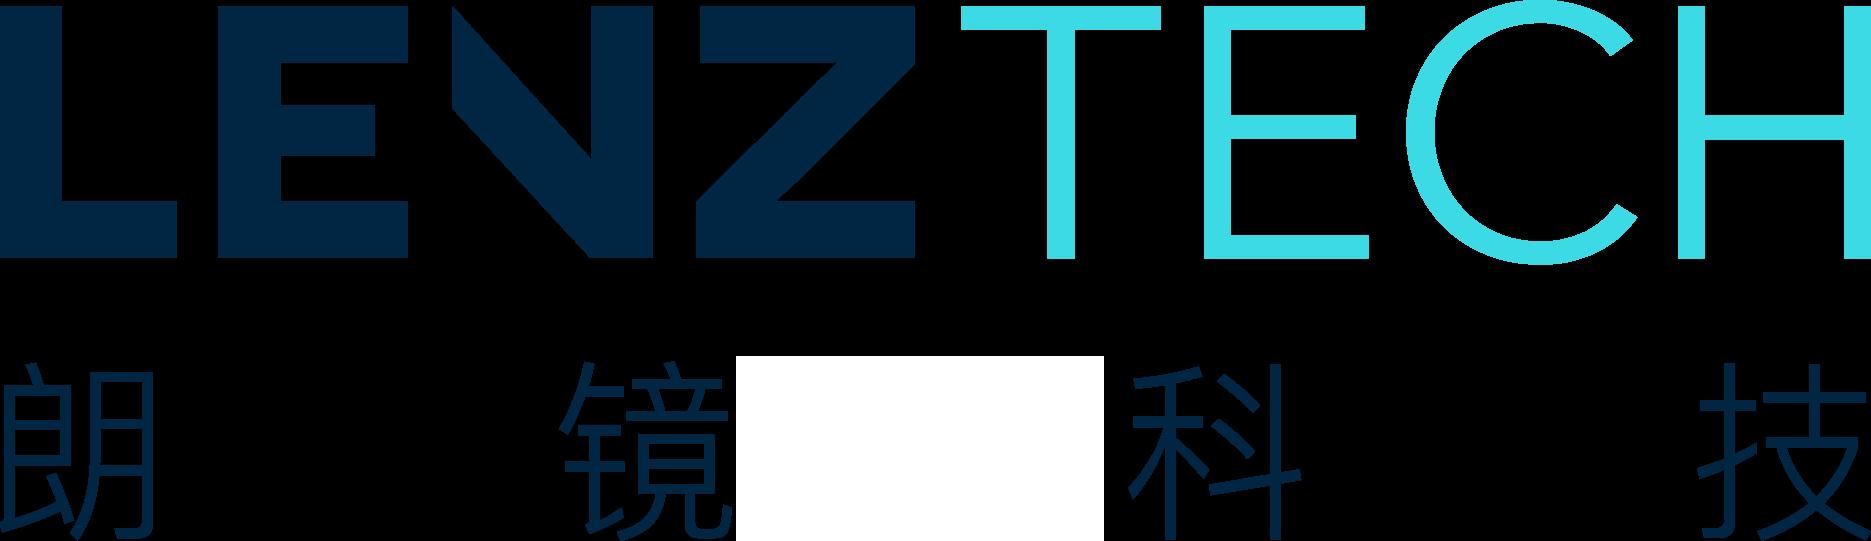 北京朗镜科技有限责任公司